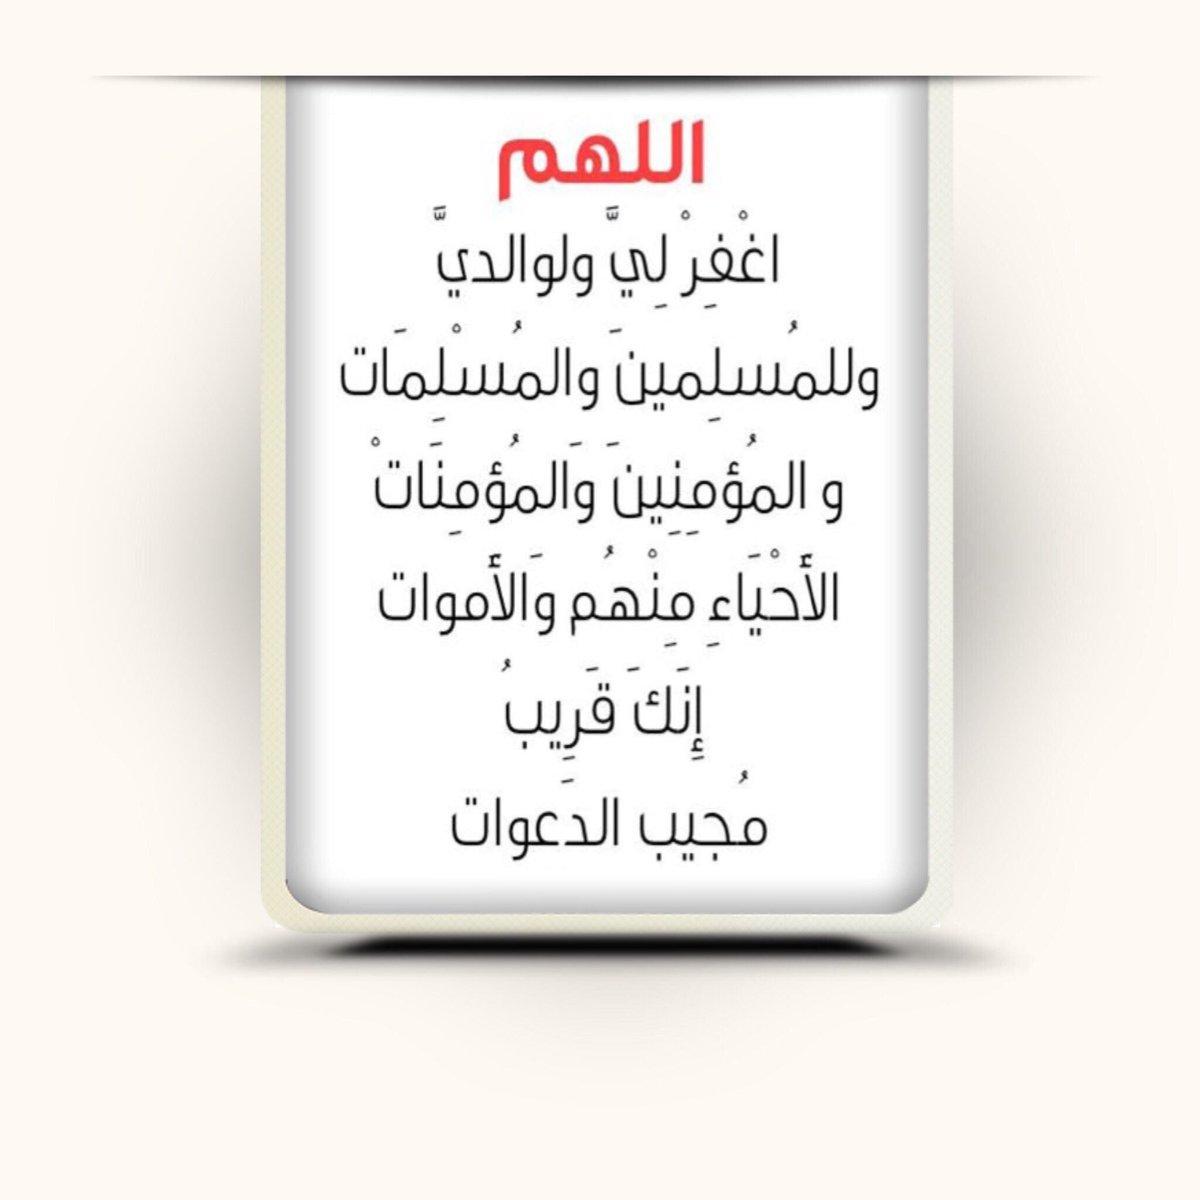 بالصور دعاء الام , اجمل الادعية الدينية للامهات 3738 7